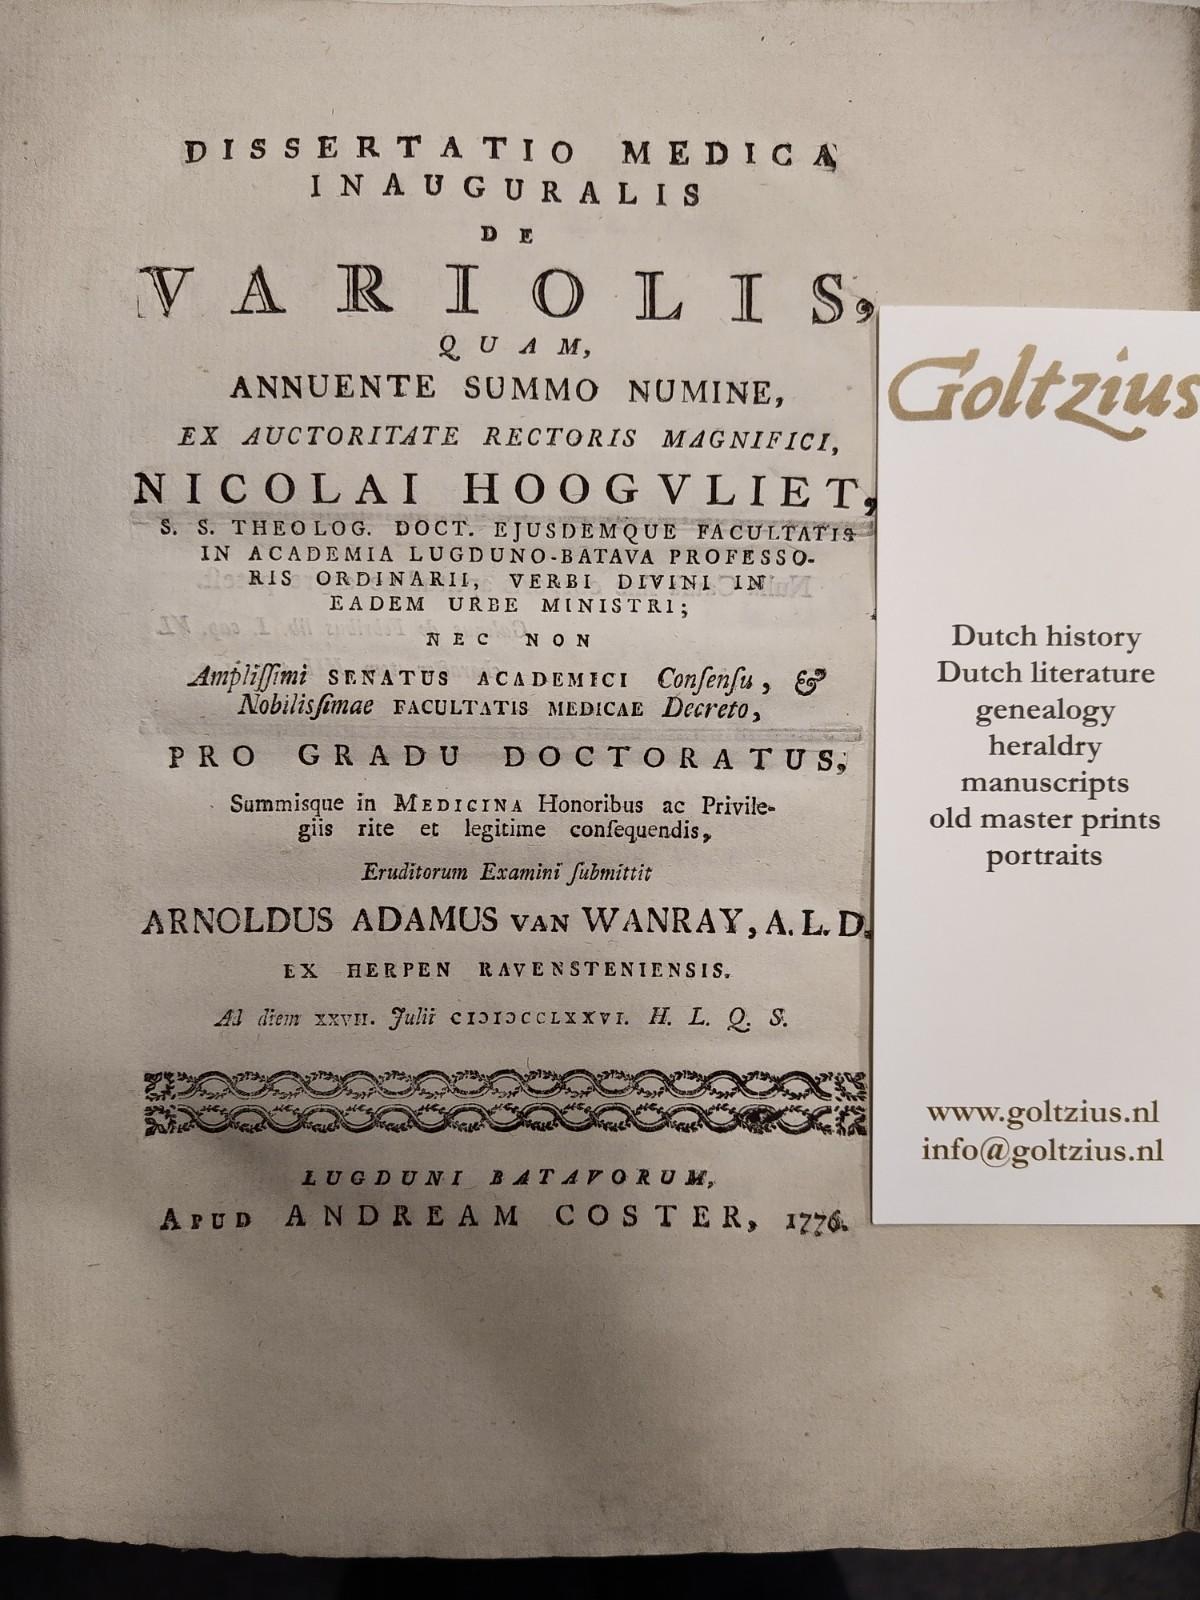 WANRAY, ARNOLDUS ADAMAUS VAN, Dissertatio medica inauguralis de variolis, quam, annuente summo numine, ex auctoritate rectoris magnifici, Nicolai Hoogvliet (...) pro gradu doctoratus (...)